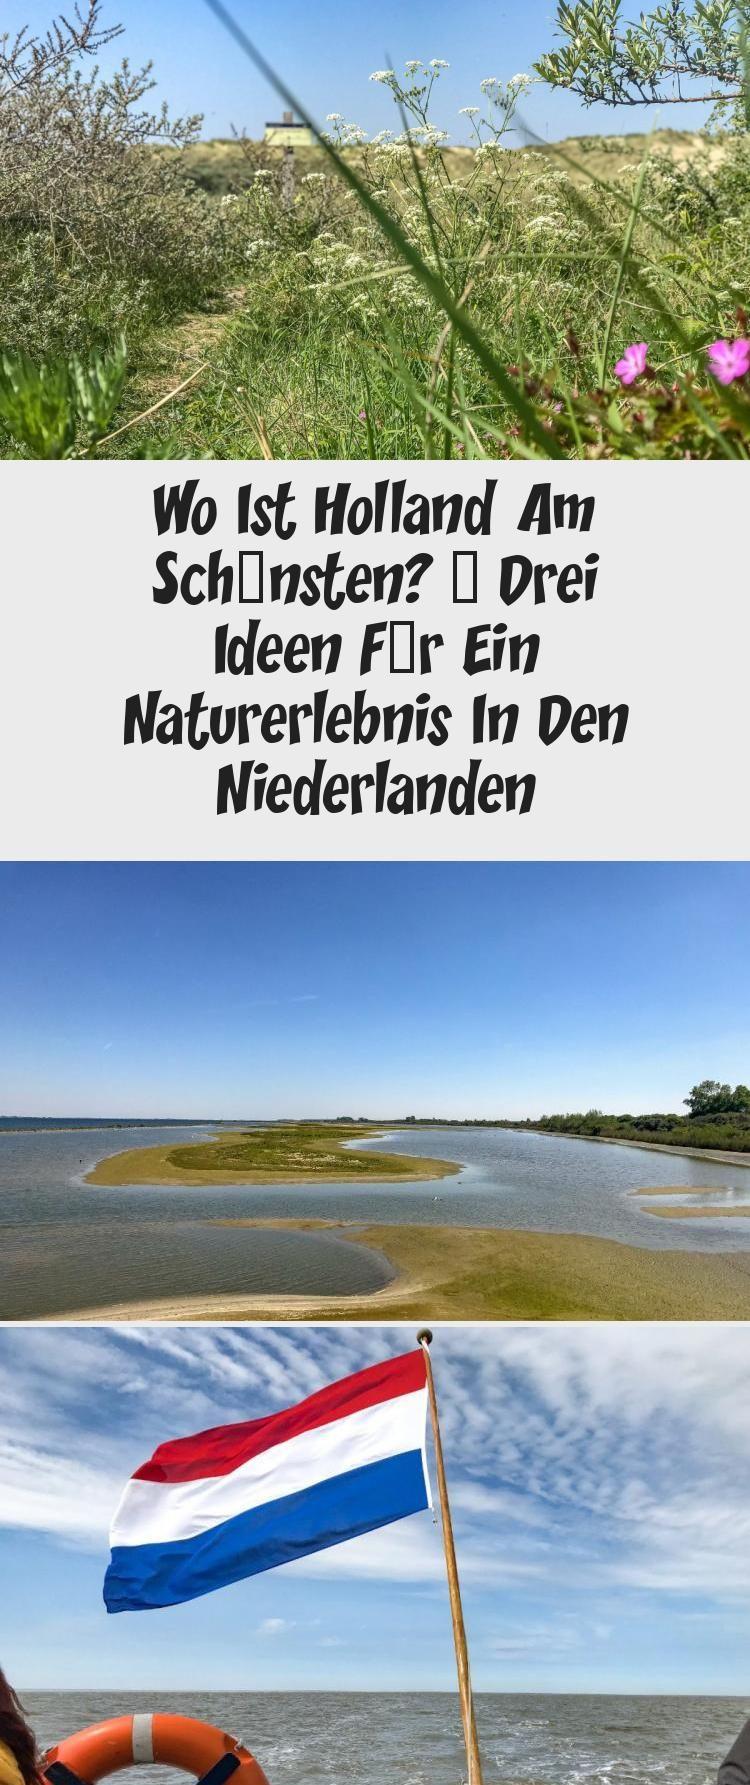 Wo Ist Holland Am Schonsten Drei Ideen Fur Ein Naturerlebnis In